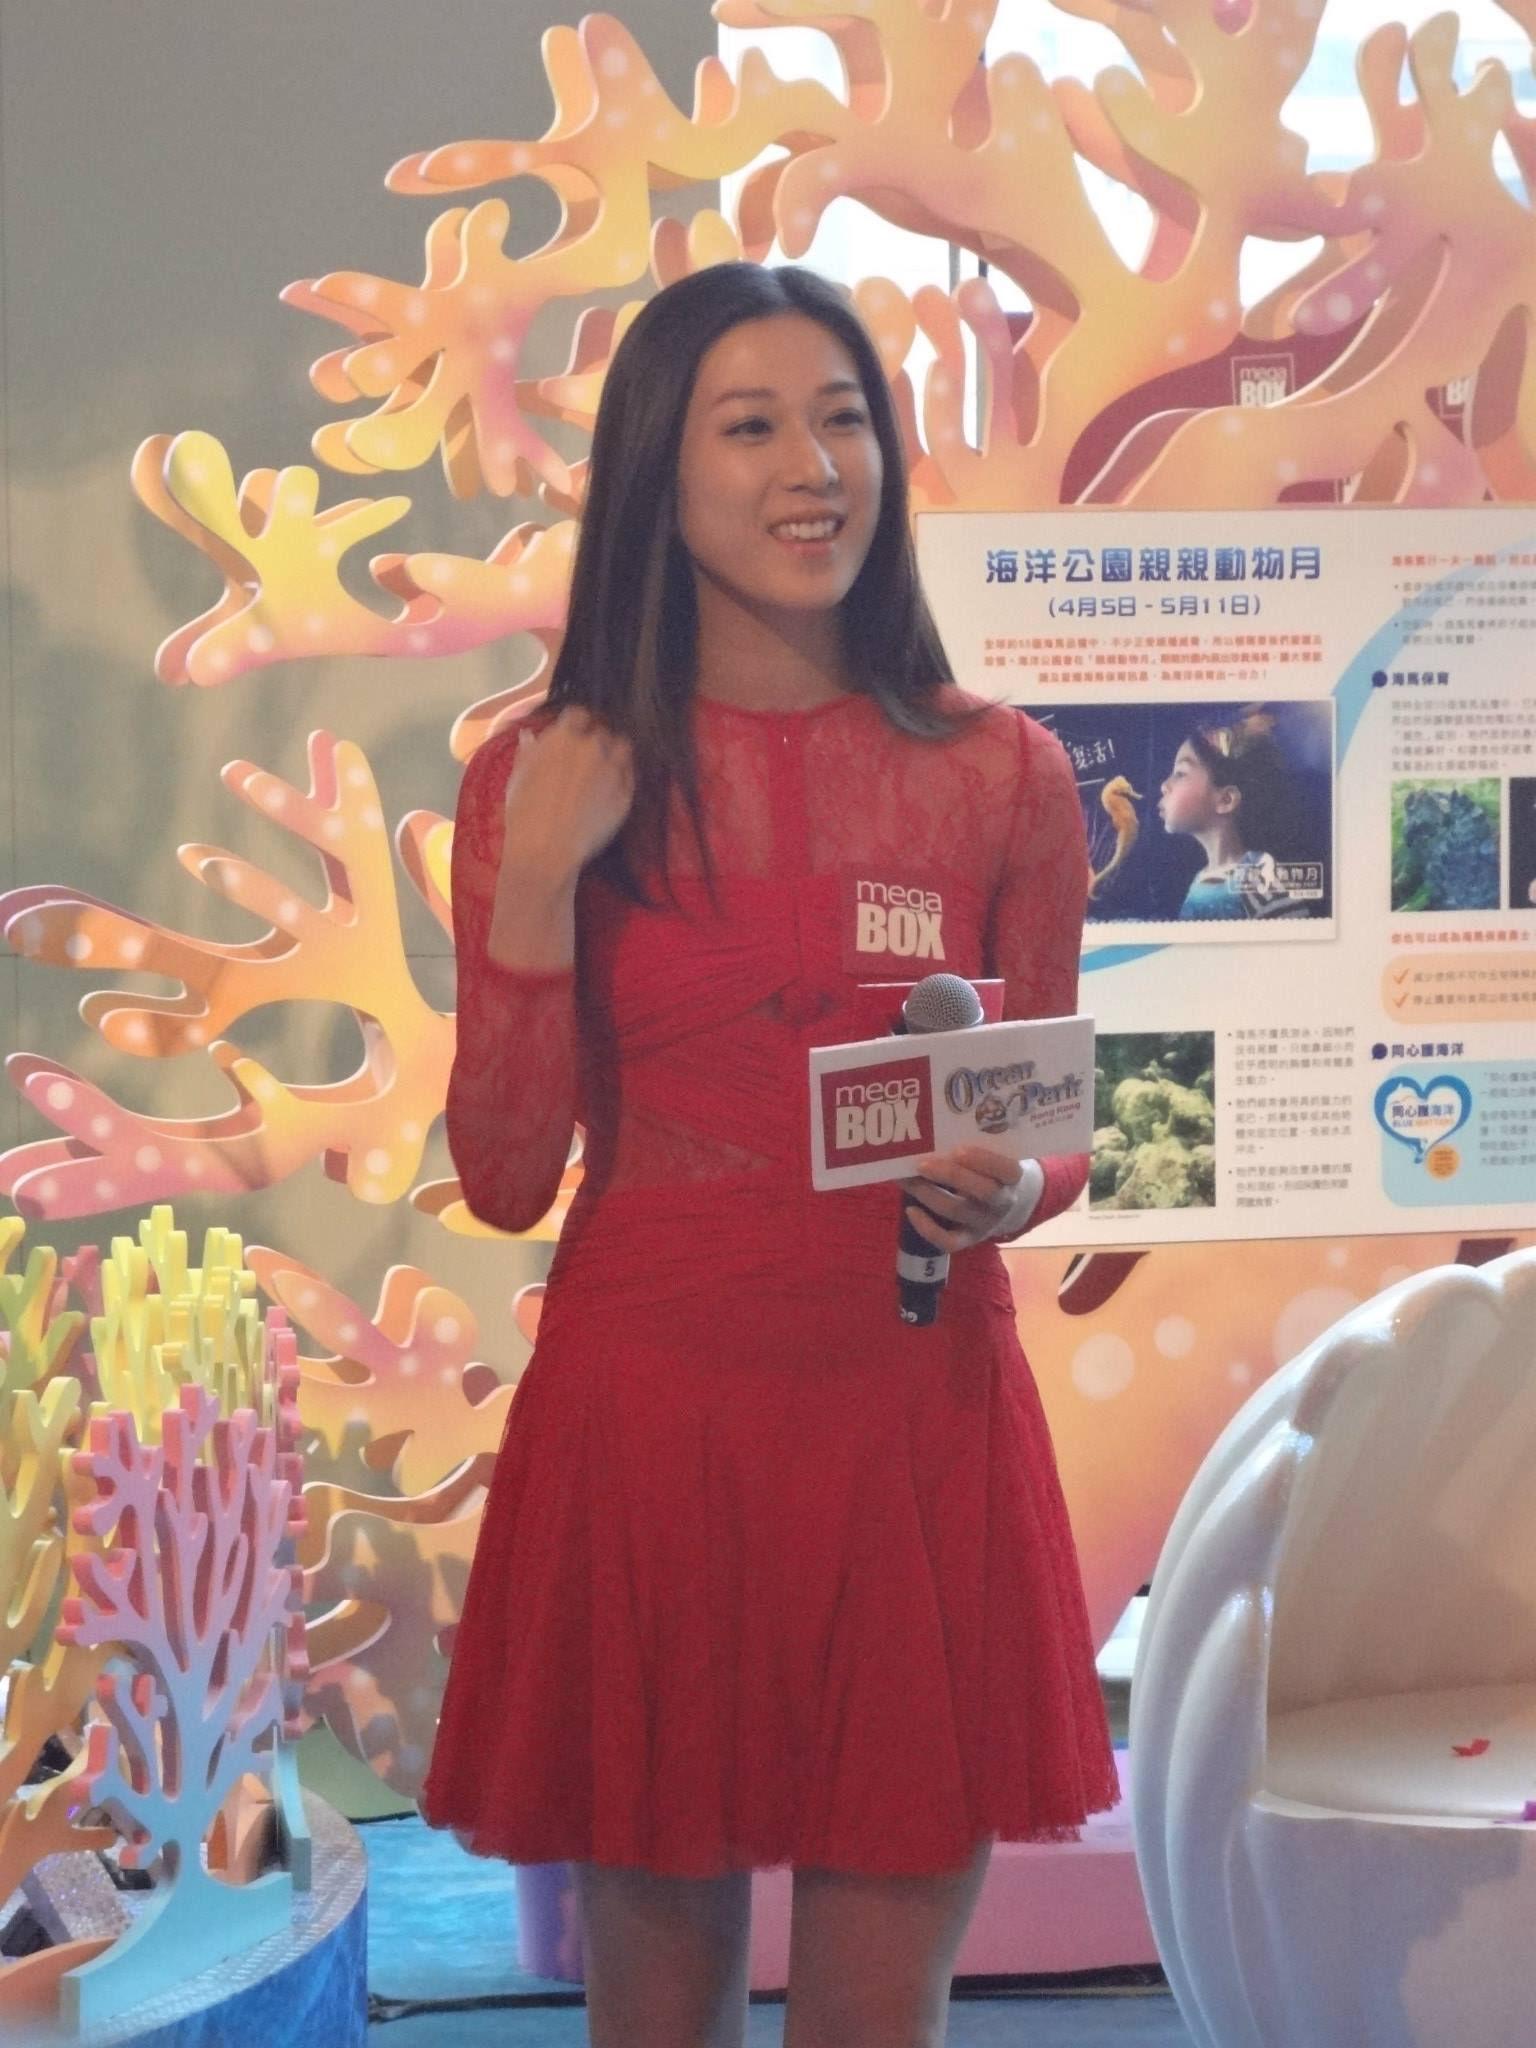 Photo of Linda Chung: Hong Kong singer and actor